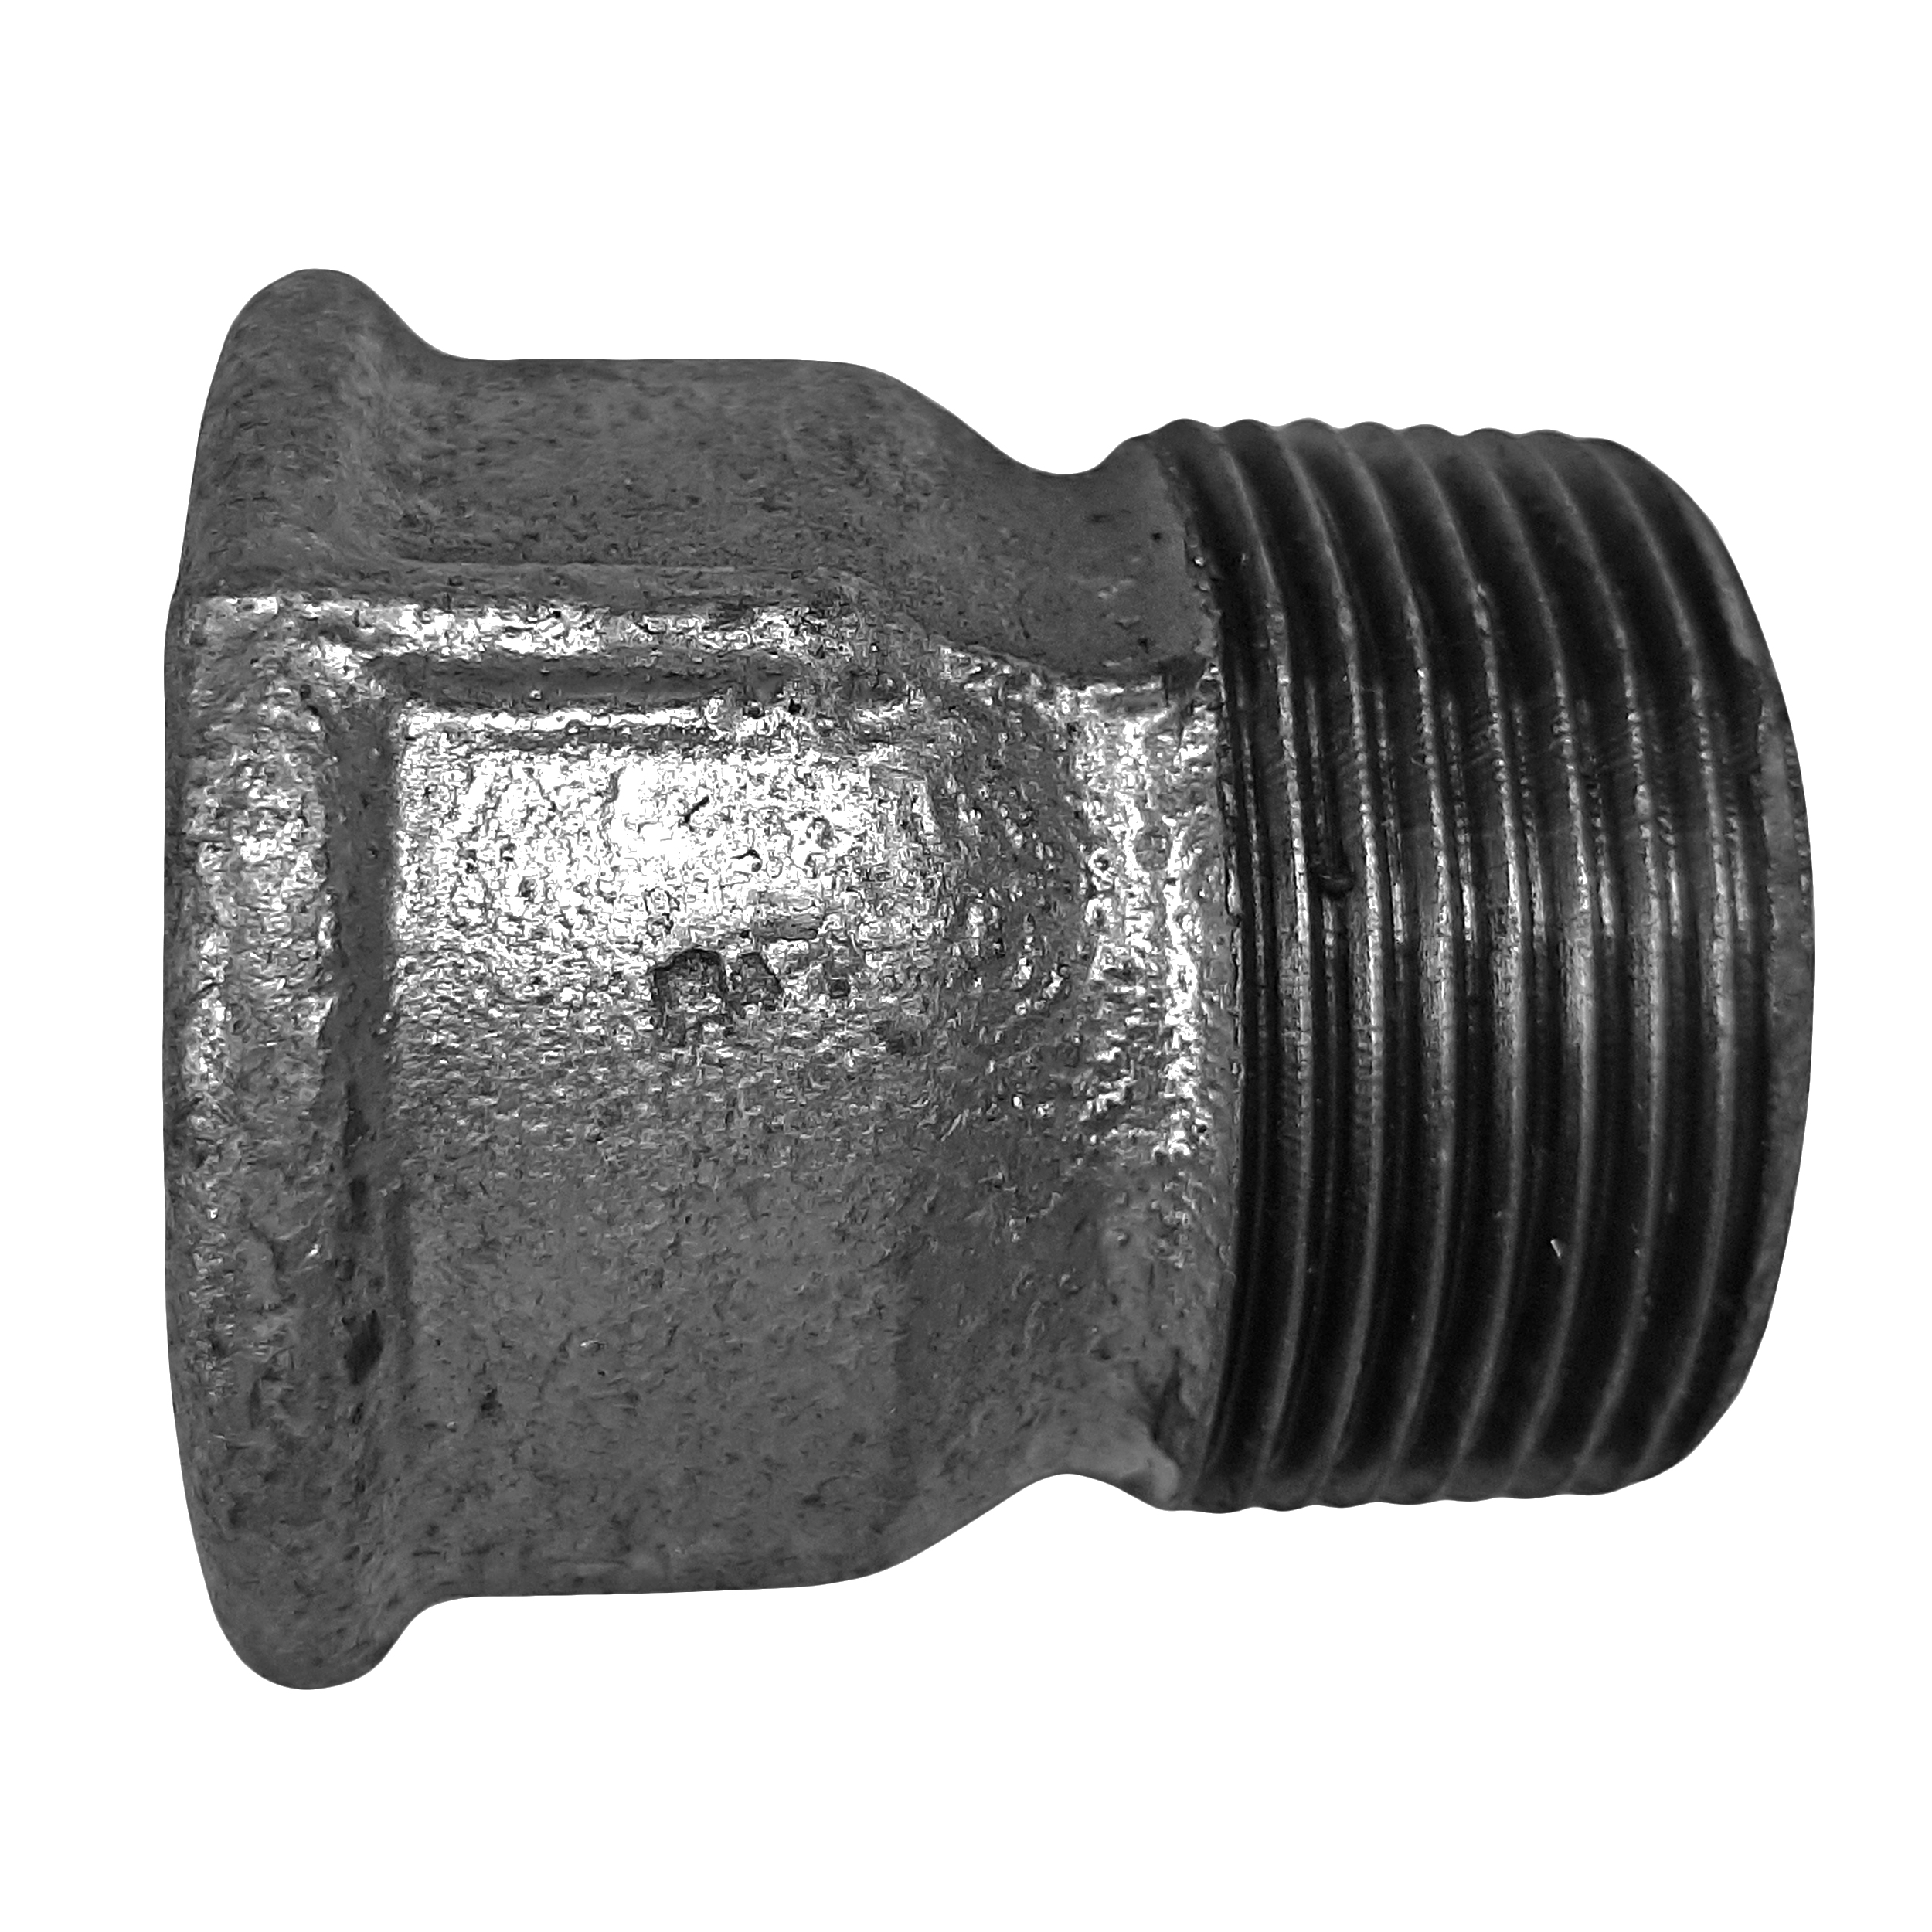 اتصال روپیچ توپبچ کد 25              ( قیمت عمده )